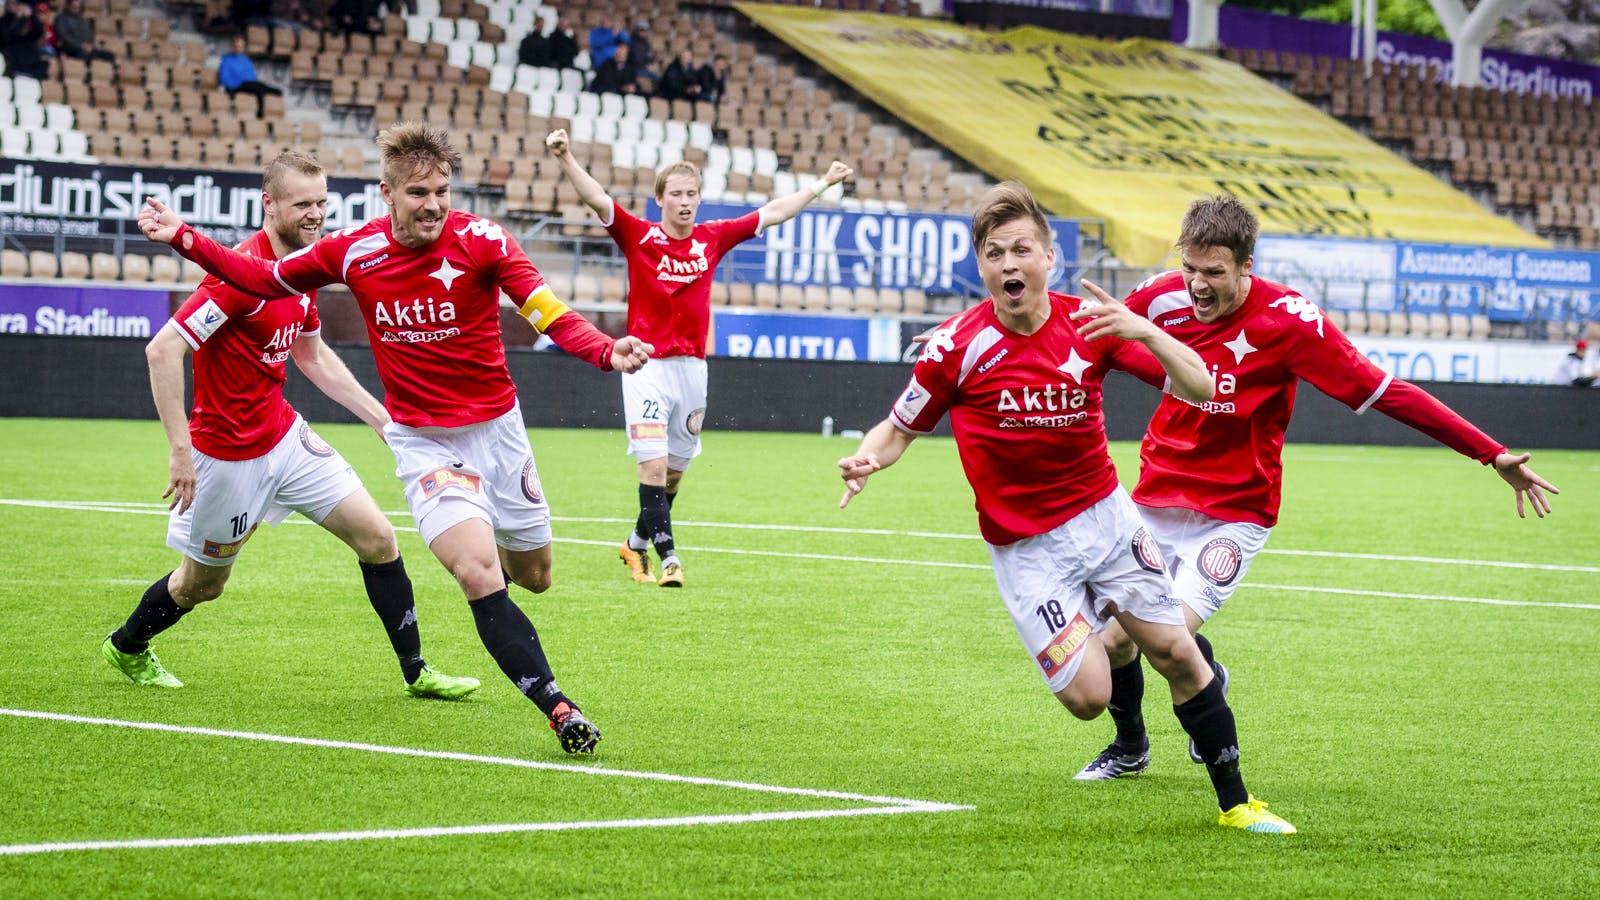 Veikkausliiga-ottelussa HIFK - FC Lahti, Sonera Stadiumilla, 18. kesäkuuta 2016.